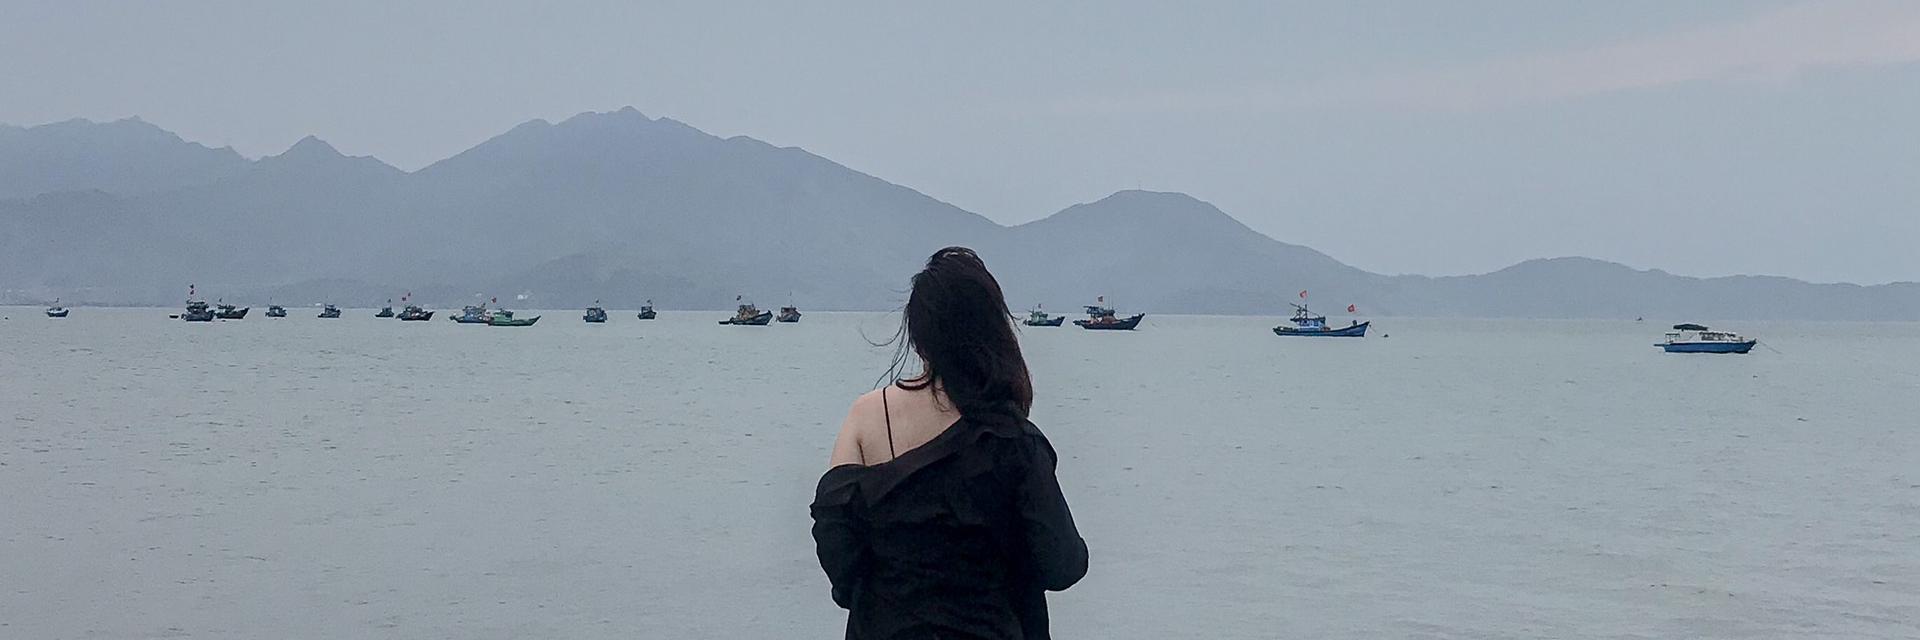 https://gody.vn/blog/congchua_mauhong803174/post/con-duong-da-dan-ra-bien-sieu-dep-o-da-nang-8950